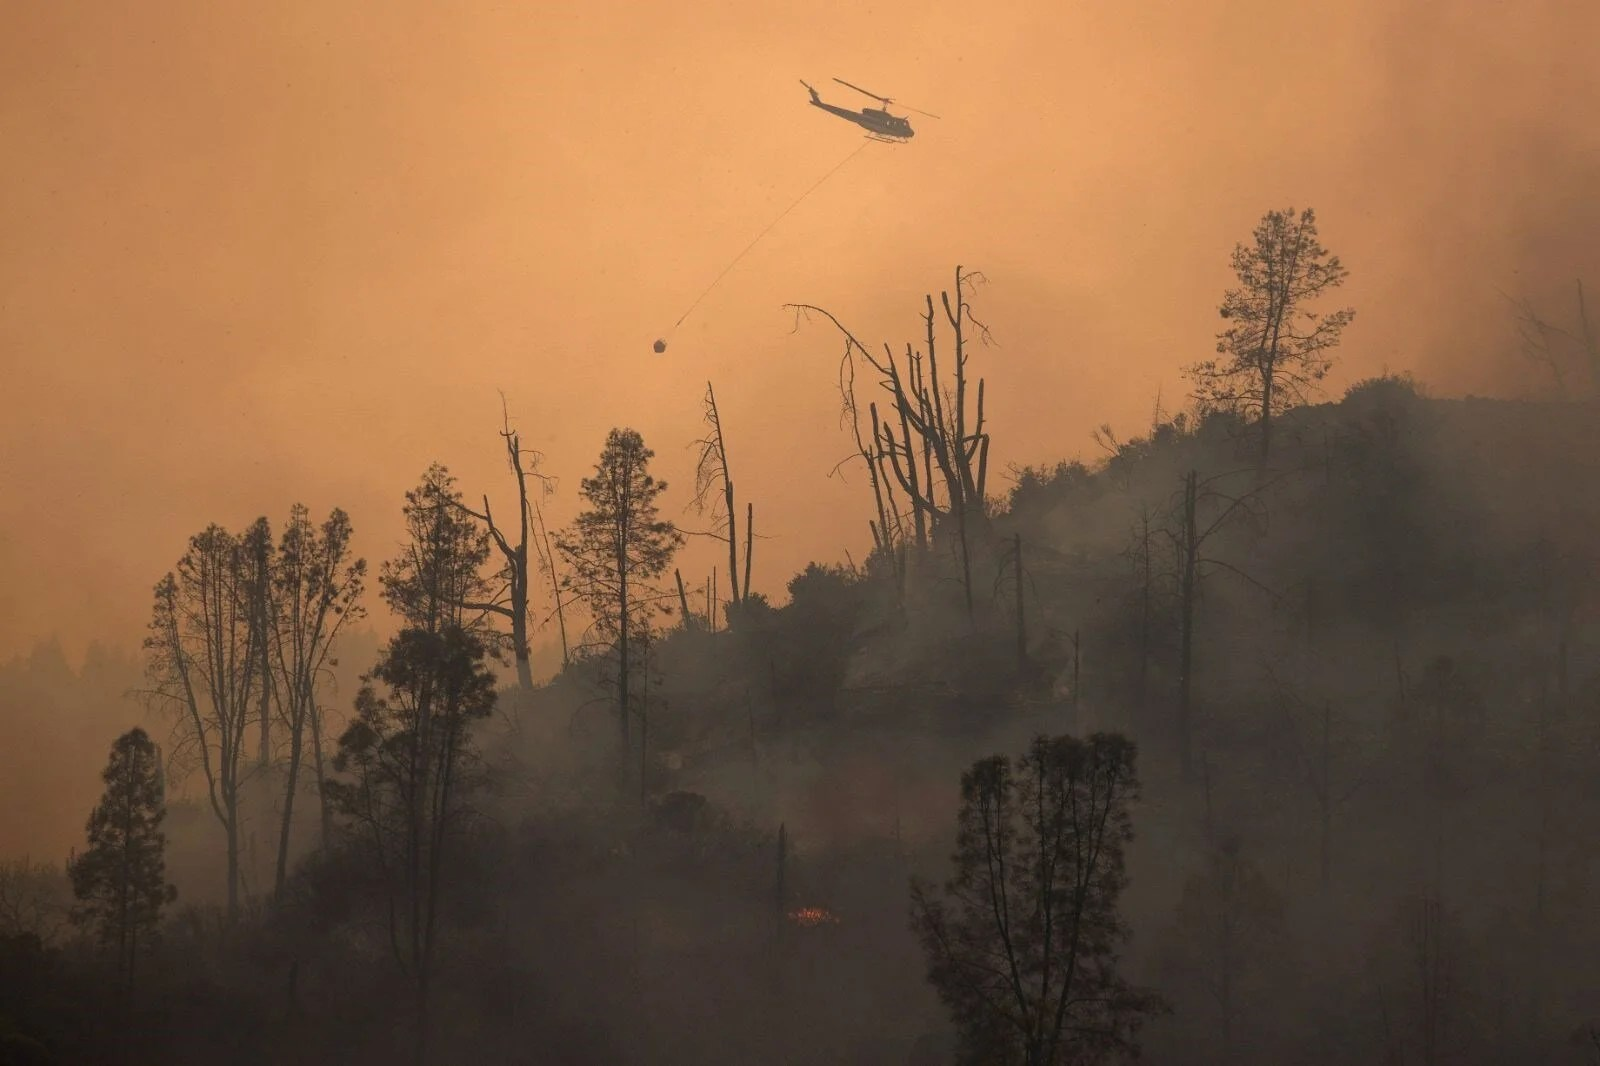 California'da 8 bin kilometrekare alan yandı, rekor kırıldı - 20